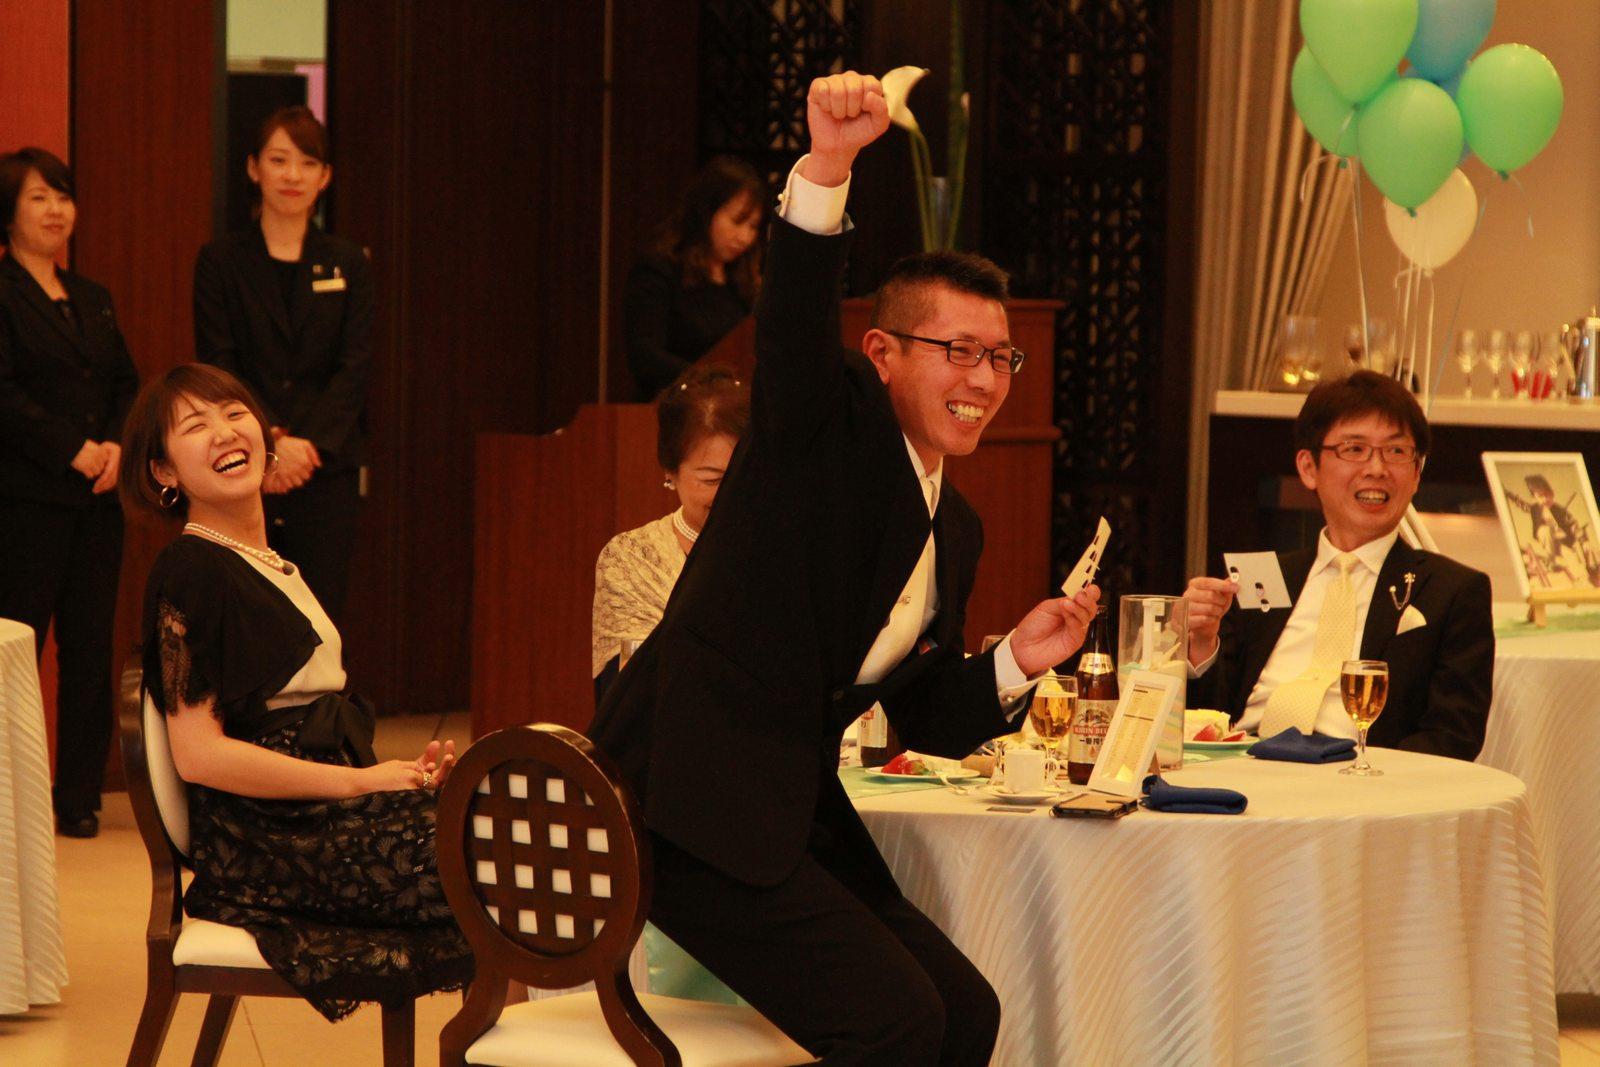 徳島市の結婚式場ブランアンジュでのビンゴゲームがゲストにも大好評